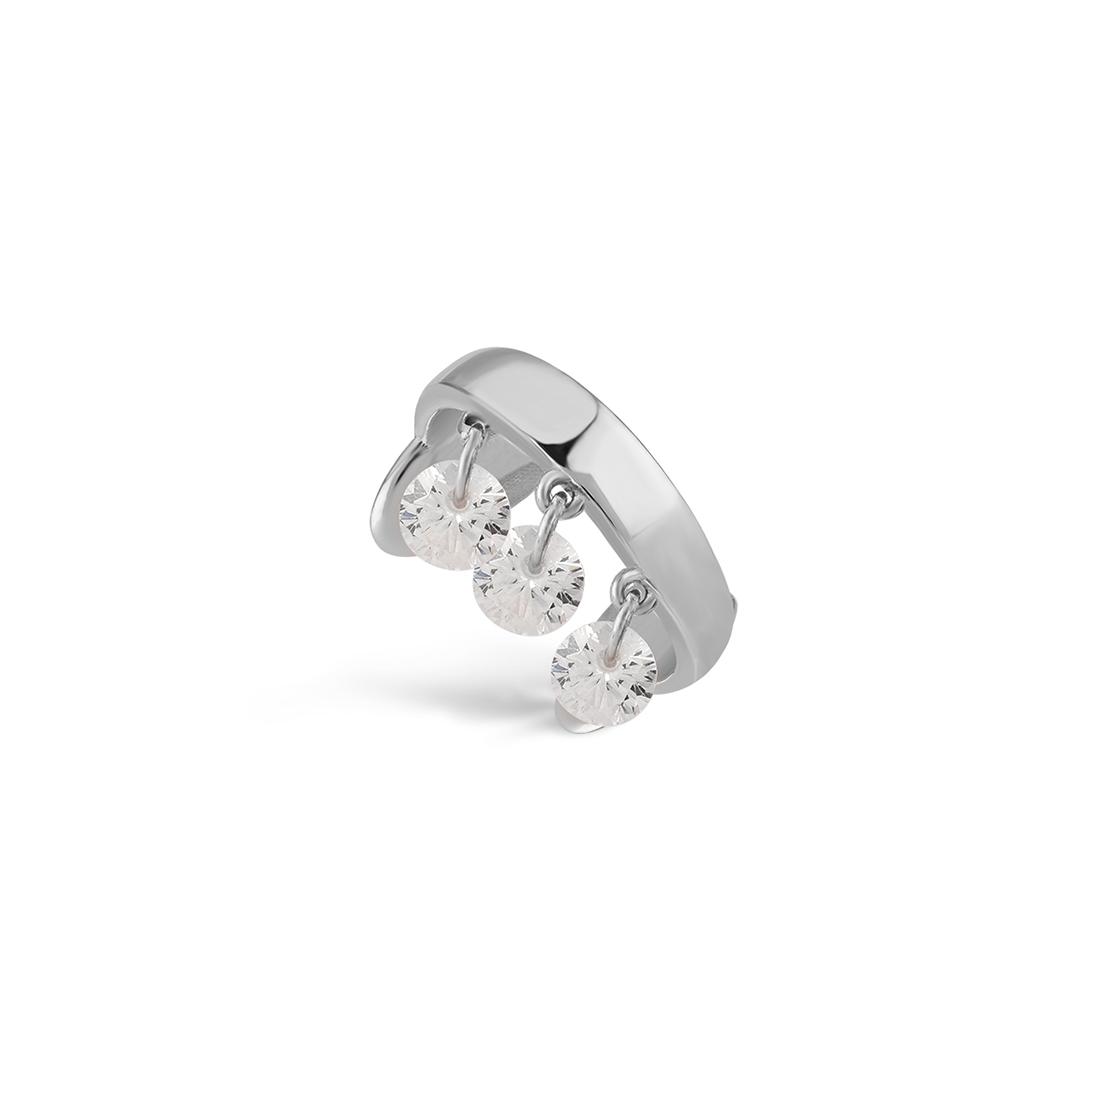 Glint Silver Earring- High Street Jewelry